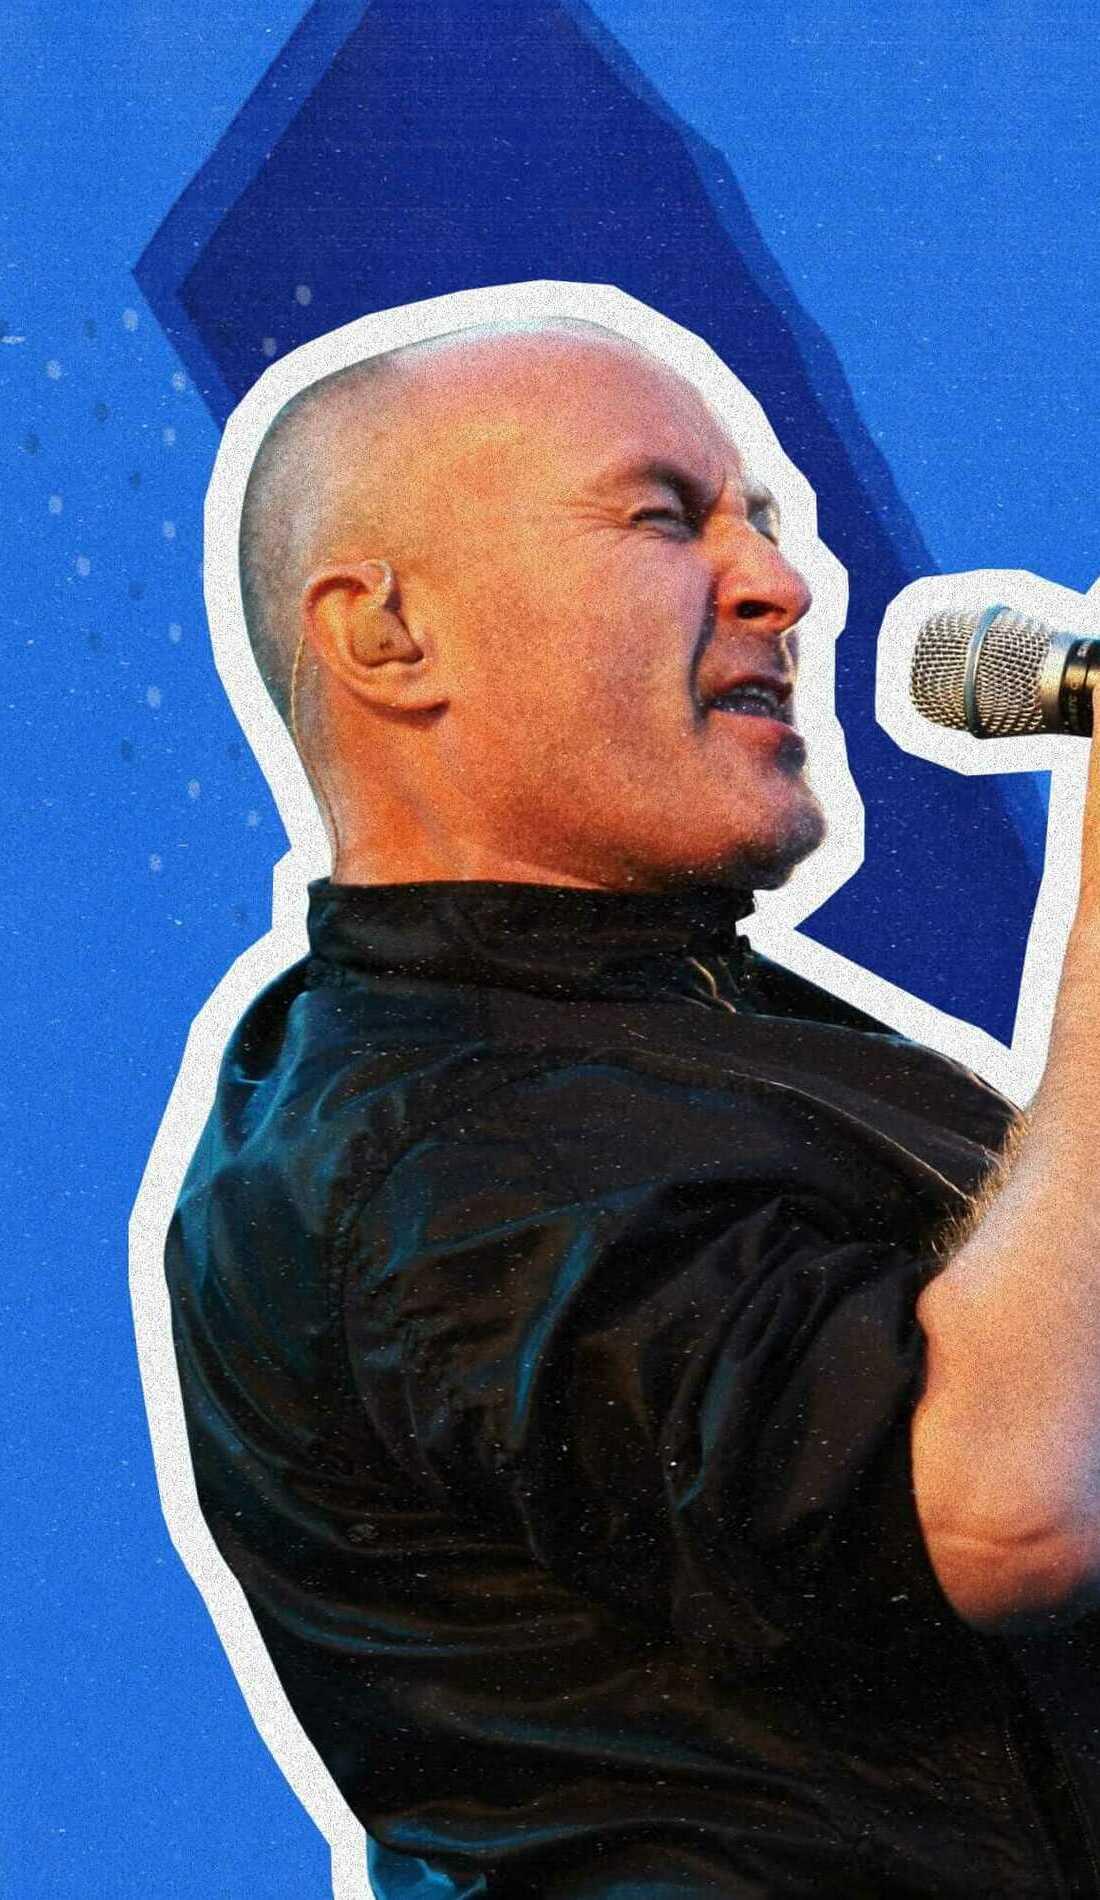 A Genesis live event